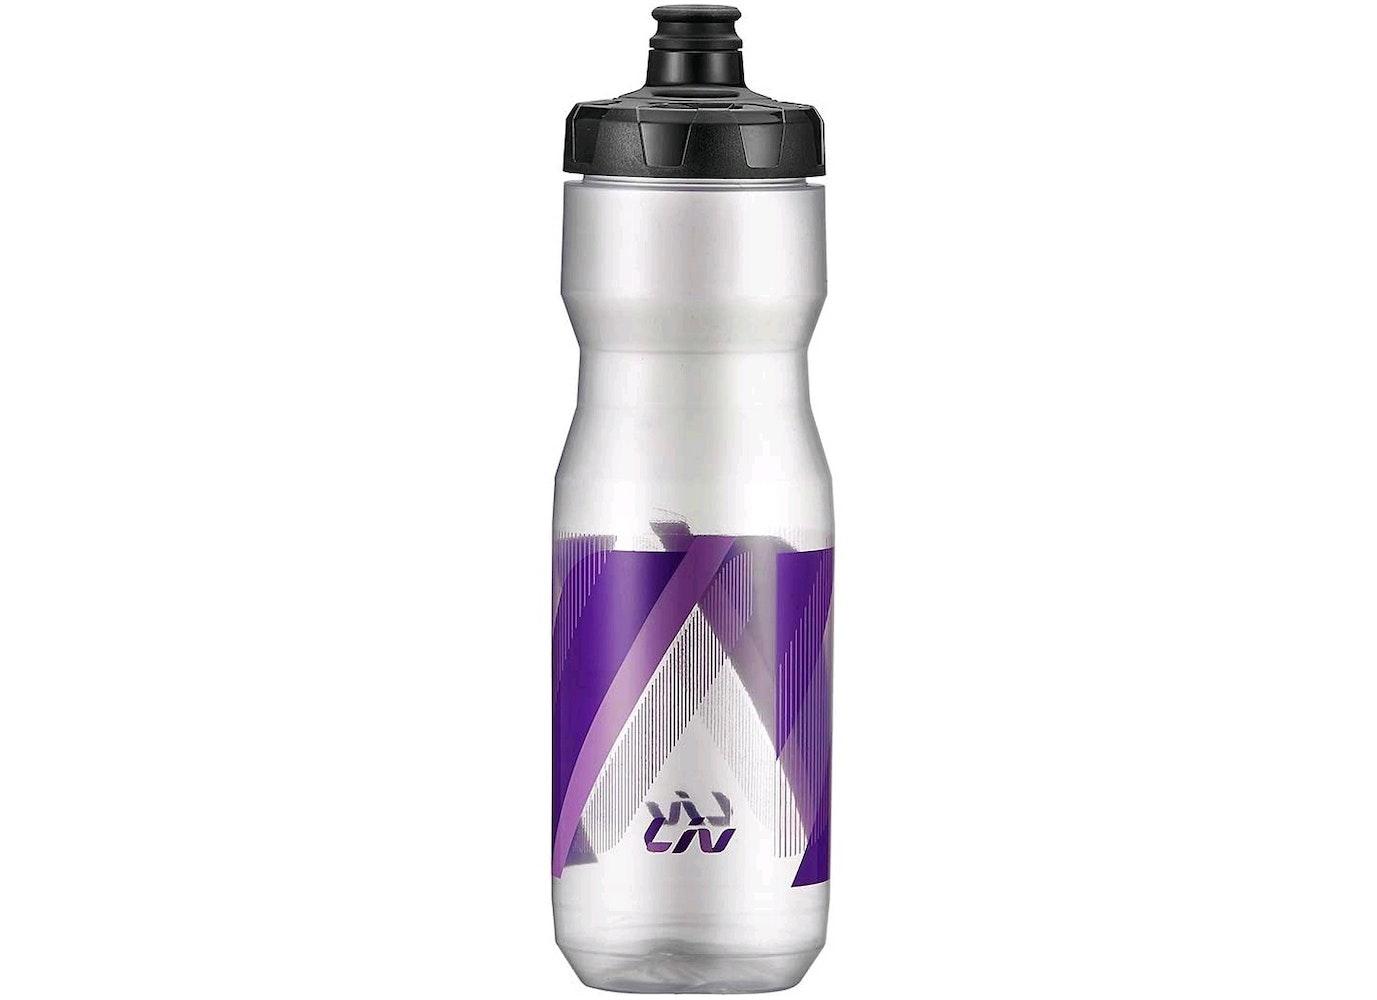 Giant Liv Water Bottle 750ml Bike Bottles Amp Bidons For